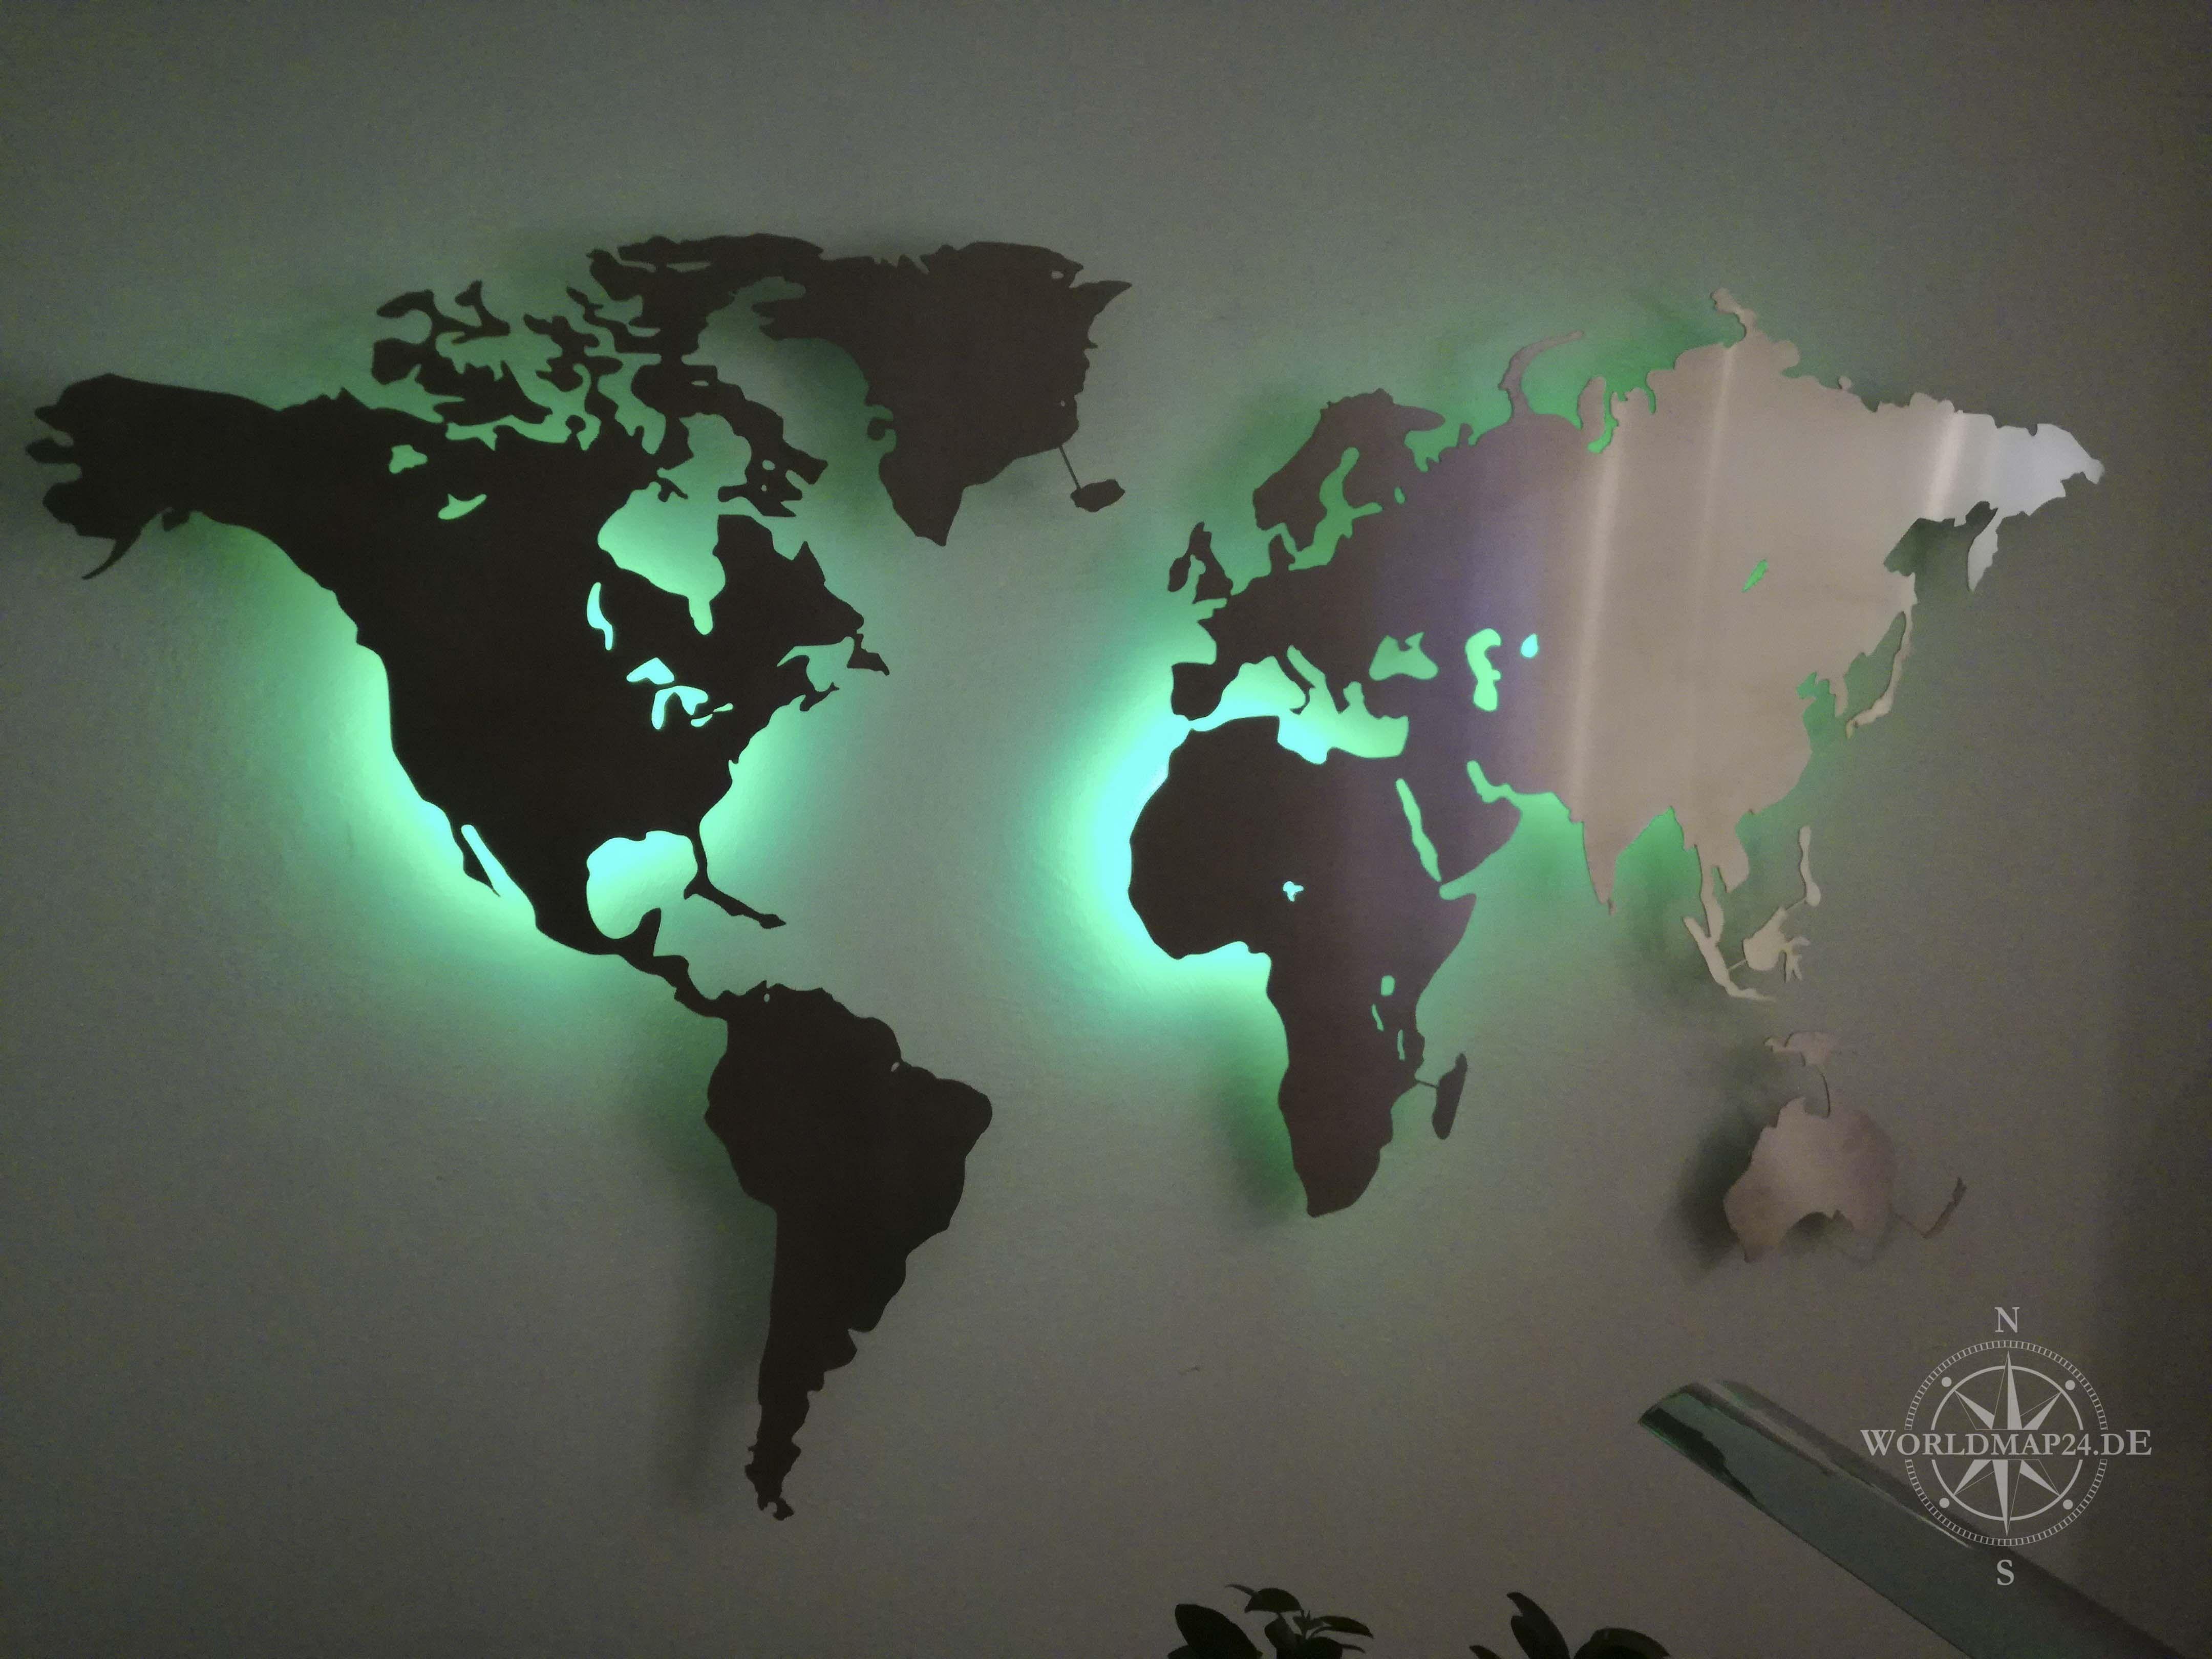 Beleuchtete Weltkarte Wand Dekoration Aus Edelstahl Rbg Led Diy Weltkarte Wand Weltkarte Dekoration